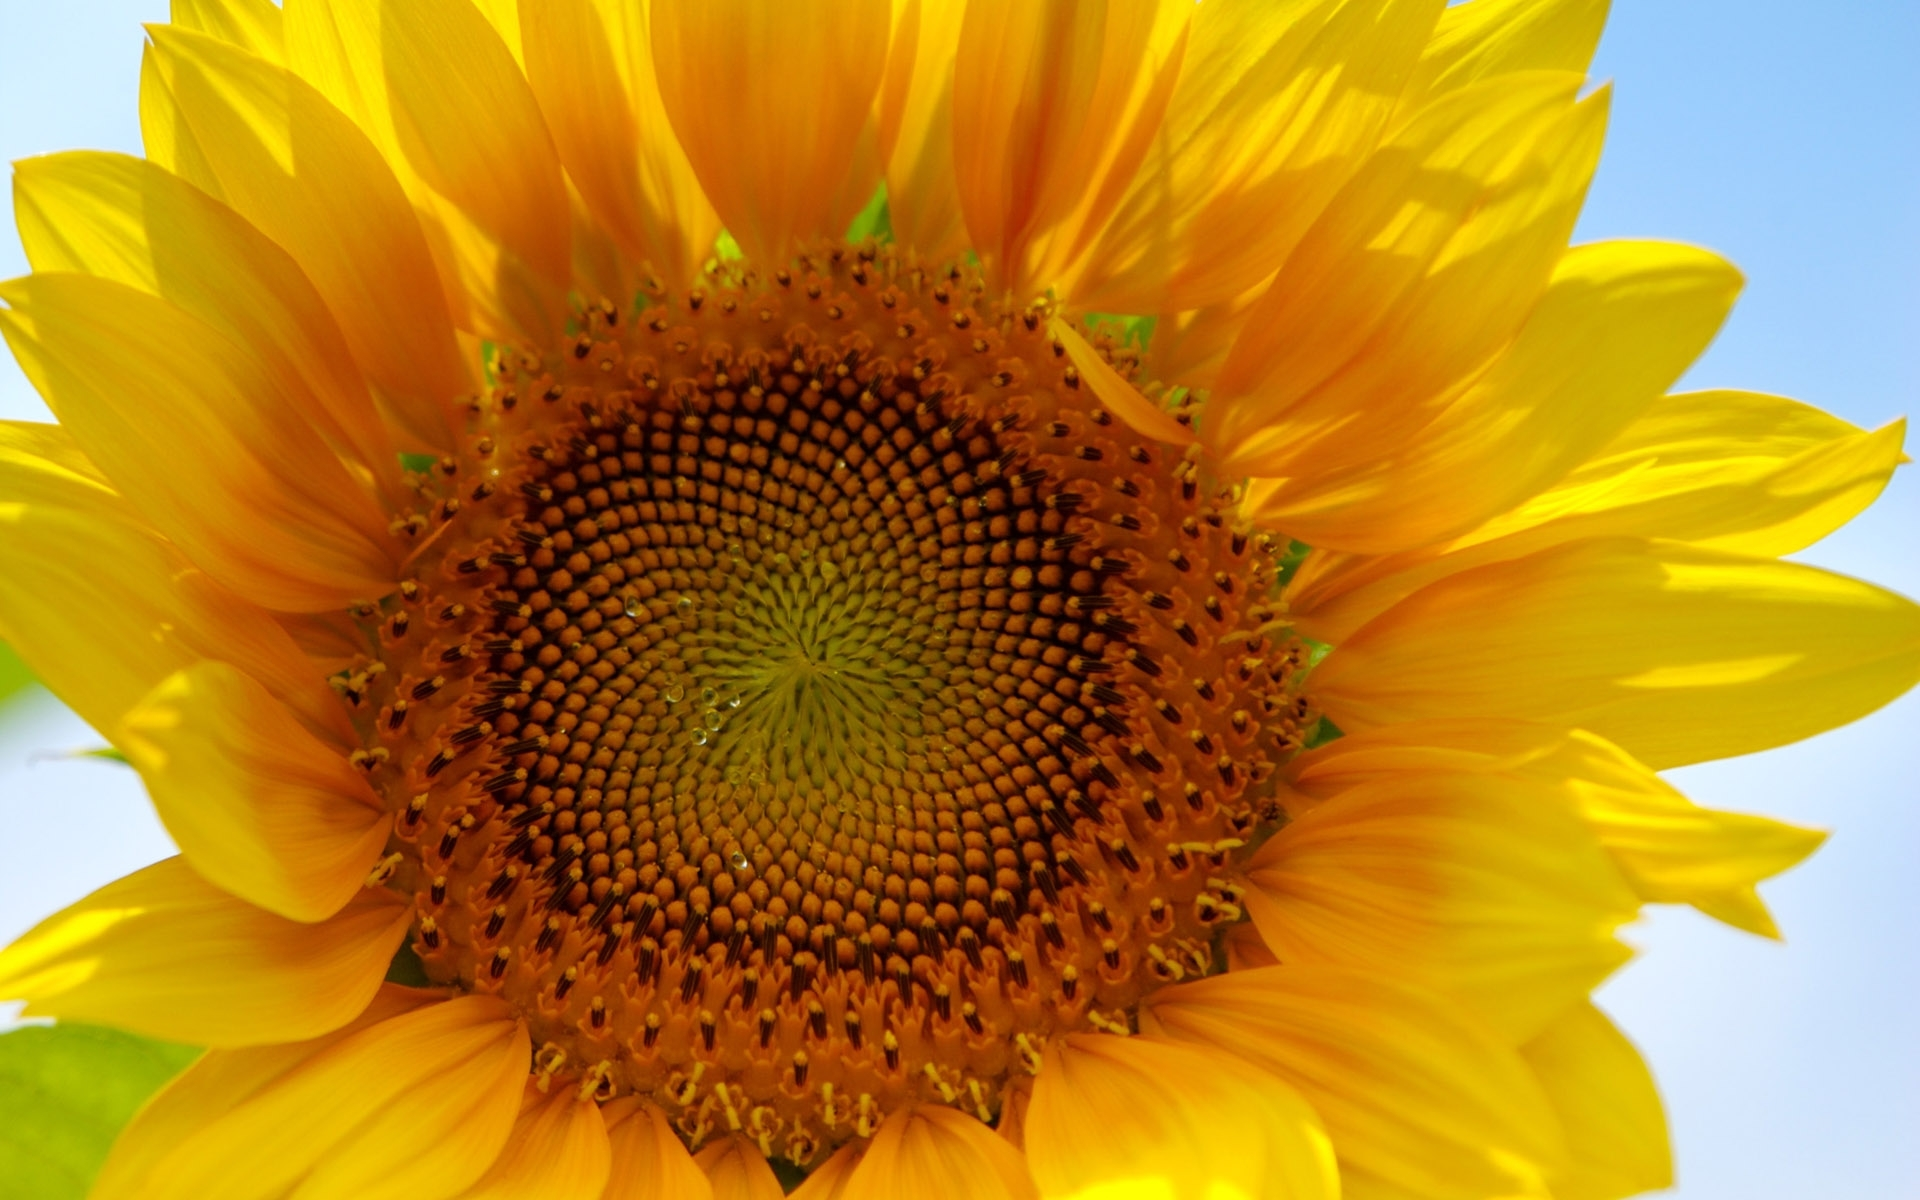 29593 免費下載壁紙 植物, 花卉, 向日葵 屏保和圖片